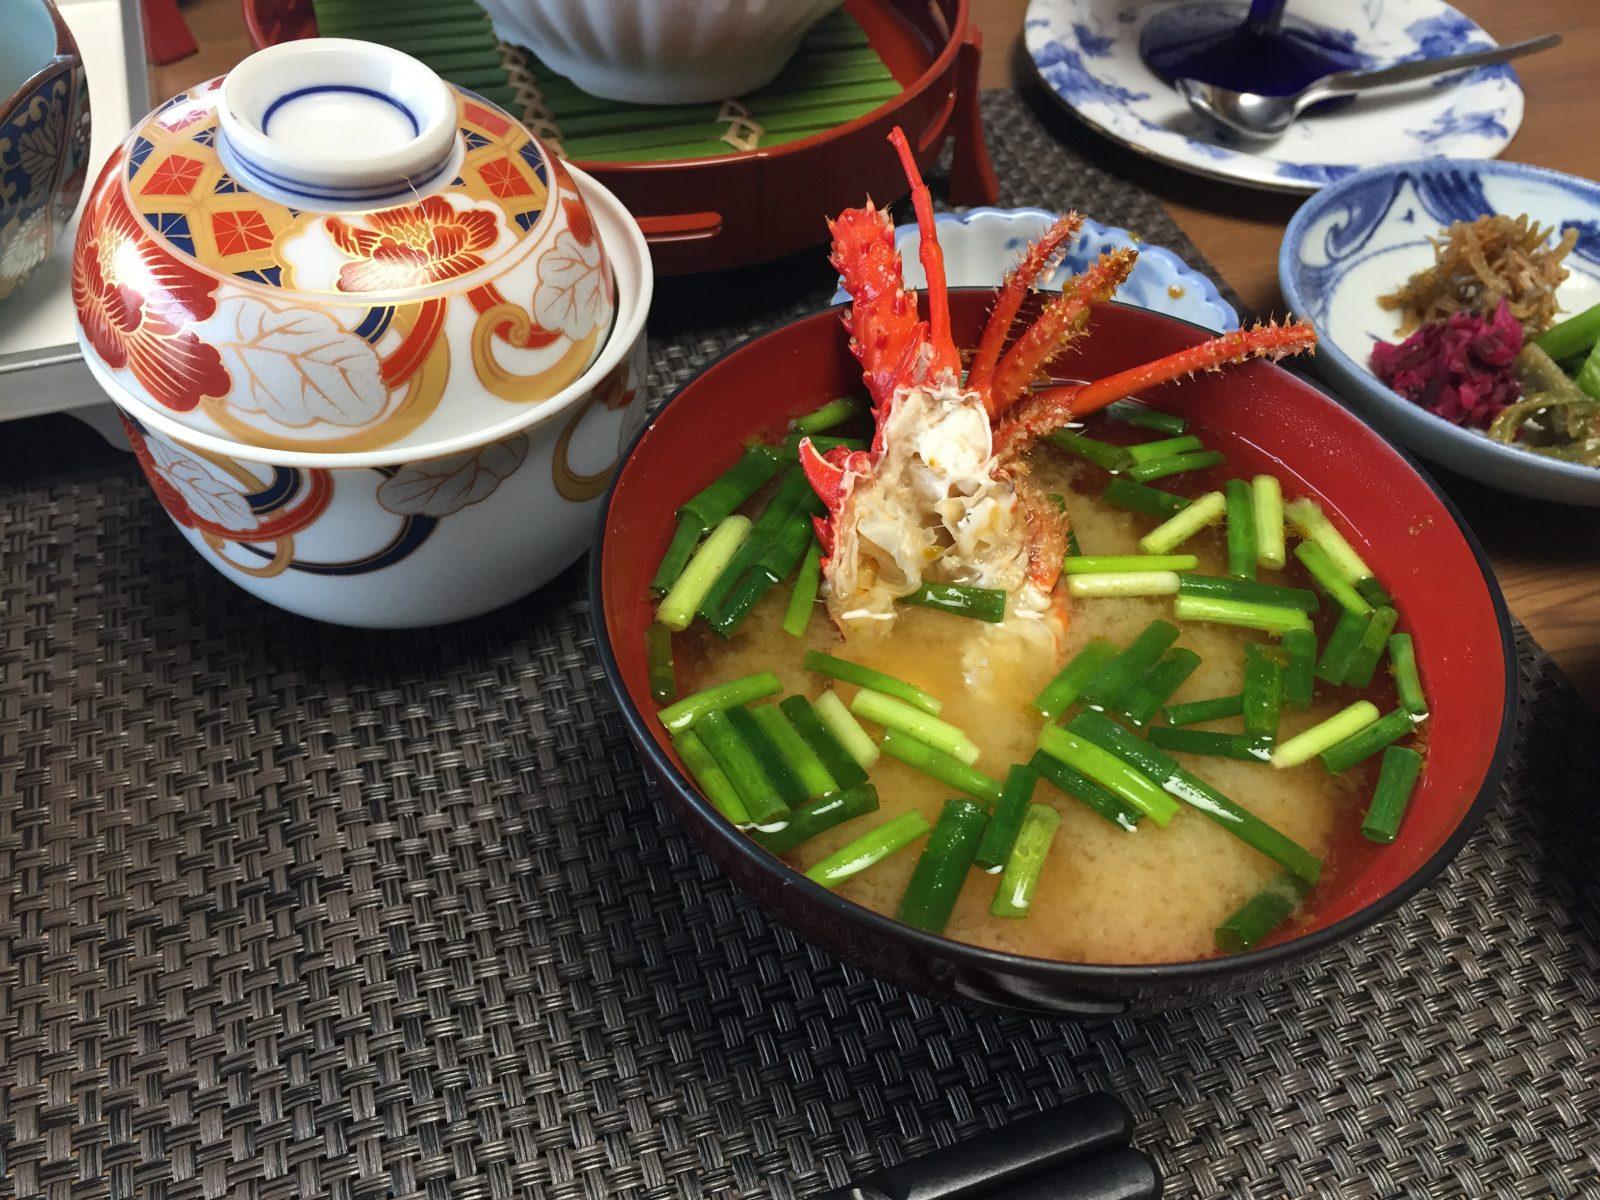 稲取銀水荘 銀の栞「雅楽」 宿泊記 その4 朝食編